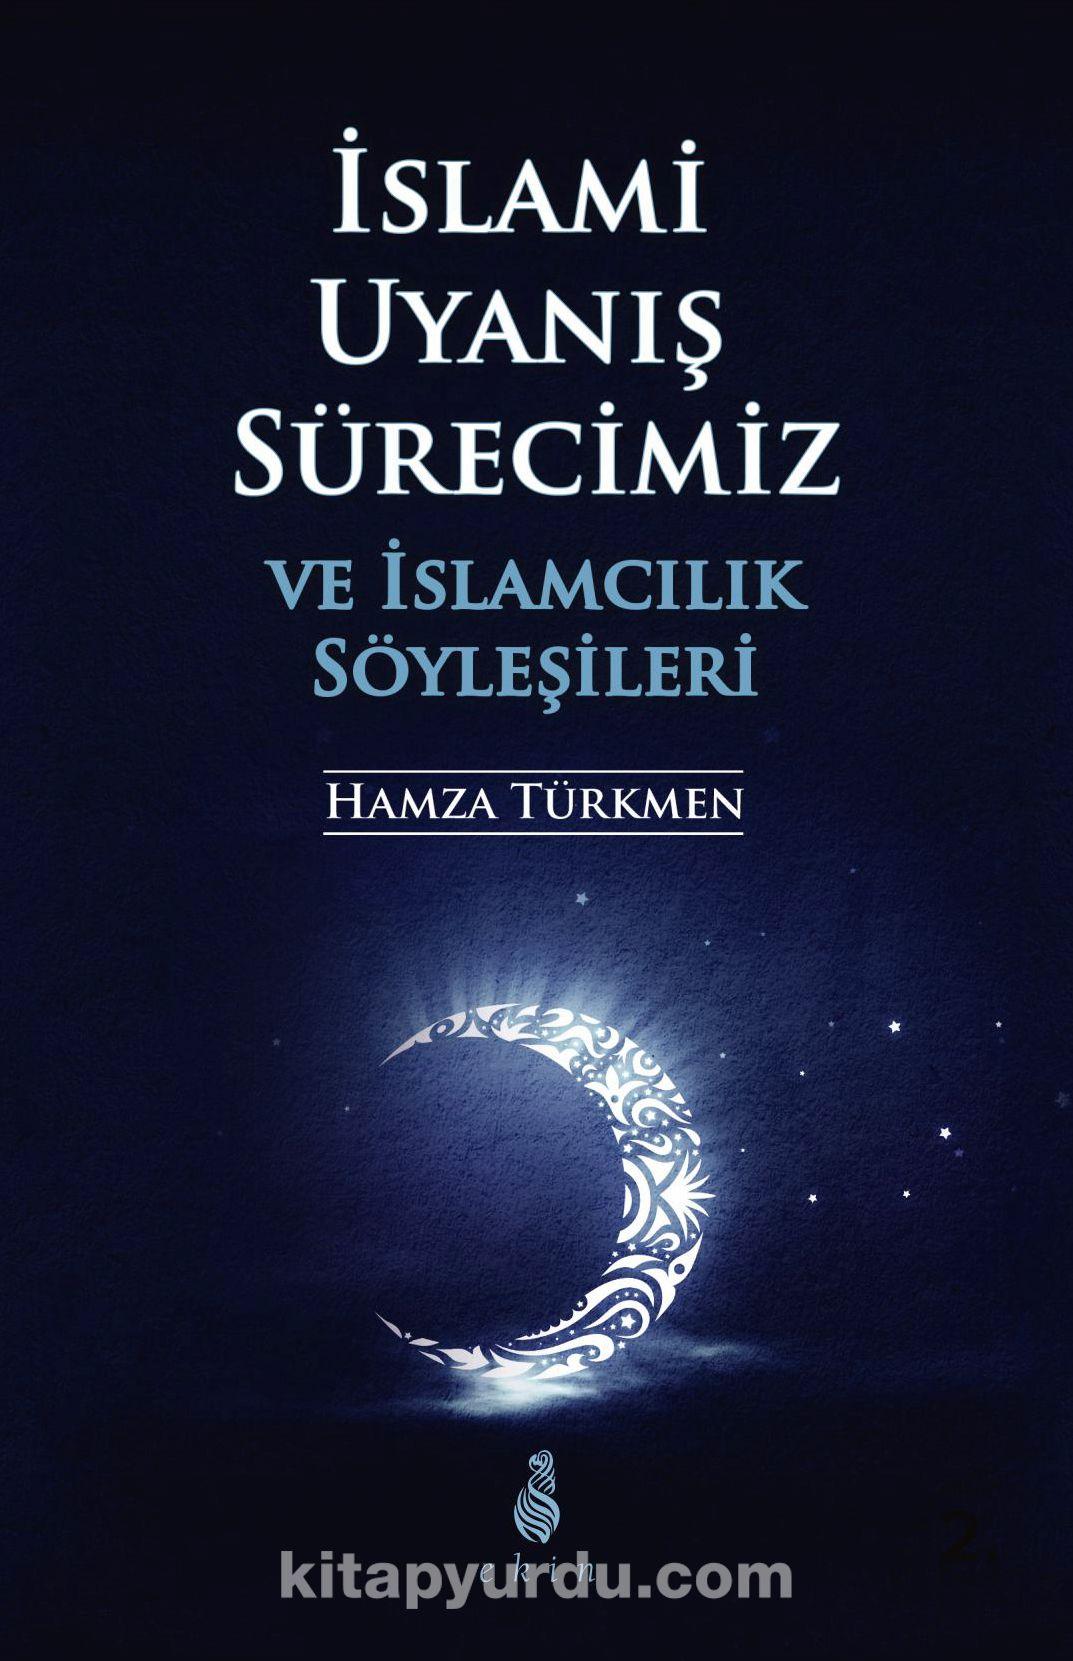 İslami Uyanış Sürecimiz ve İslamcılık Söyleşileri - Hamza Türkmen pdf epub